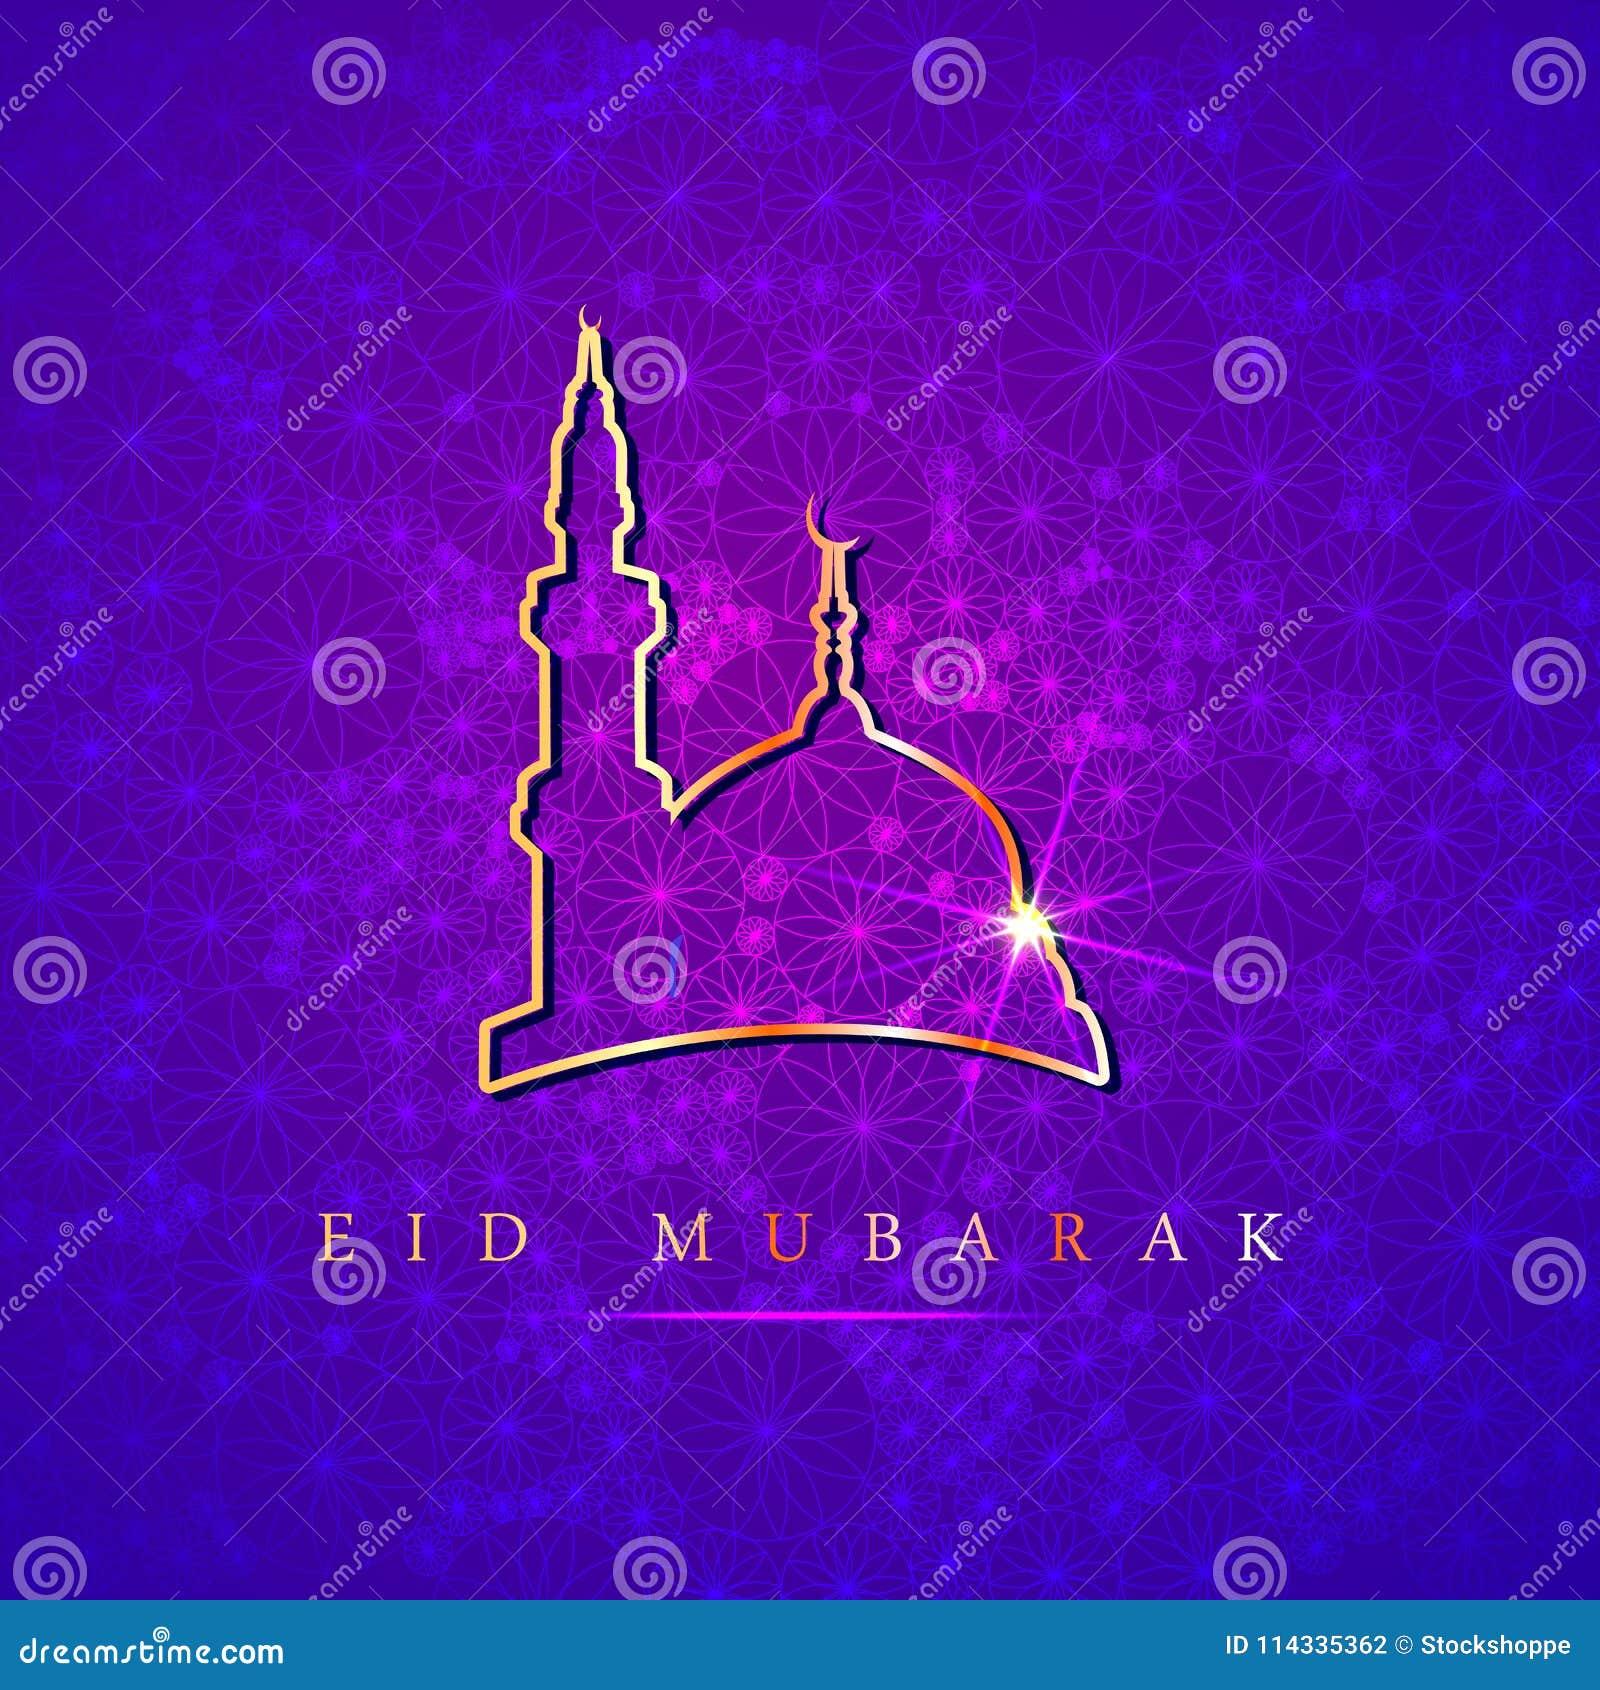 Ramadan kareem greetings for ramadan background with islamic mosque ramadan kareem greetings for ramadan background with islamic mosque m4hsunfo